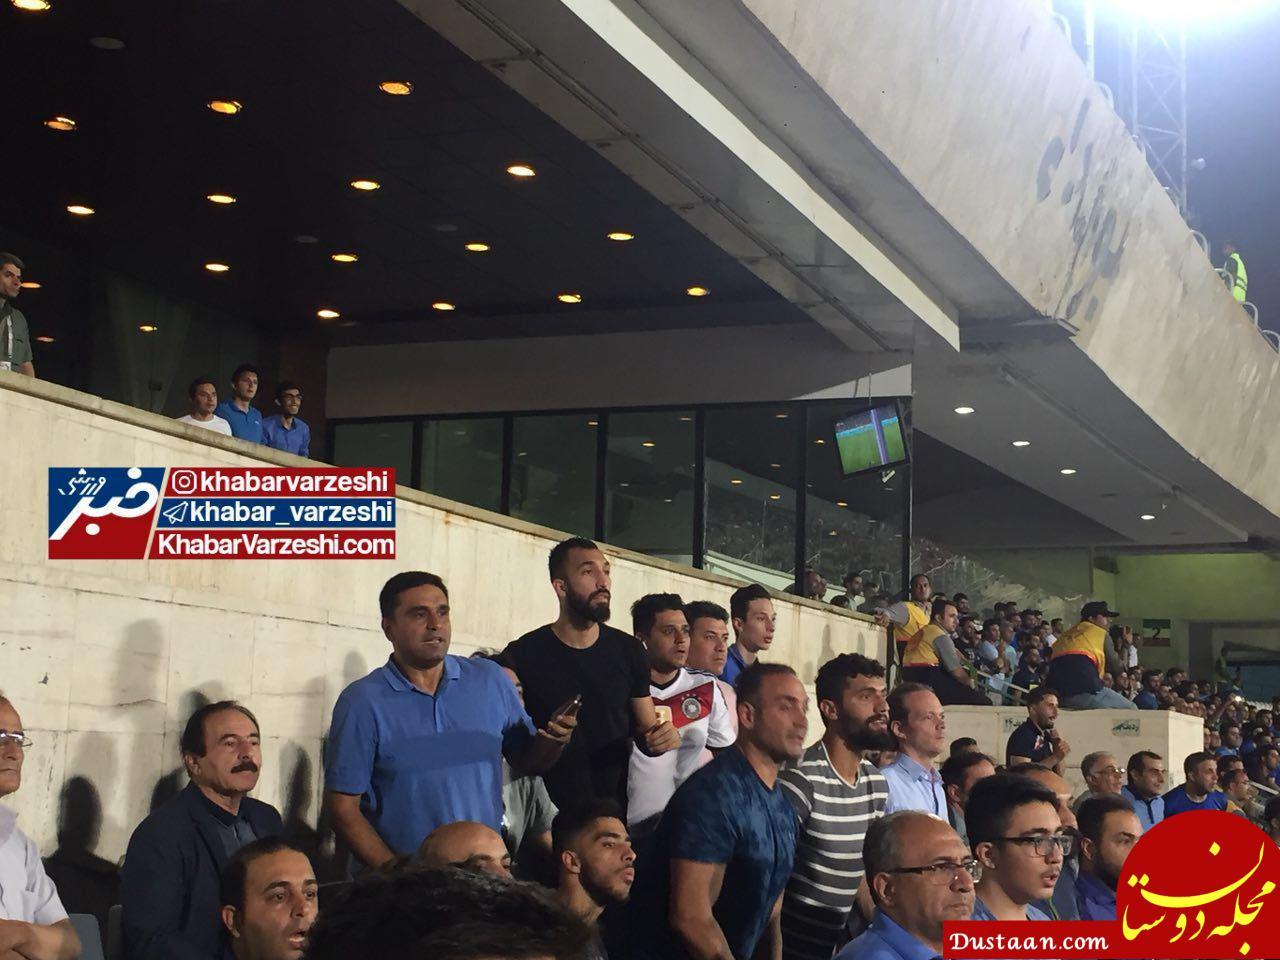 www.dustaan.com جزئیات درگیری هواداران استقلال و تراکتورسازی در ورزشگاه آزادی +عکس و فیلم